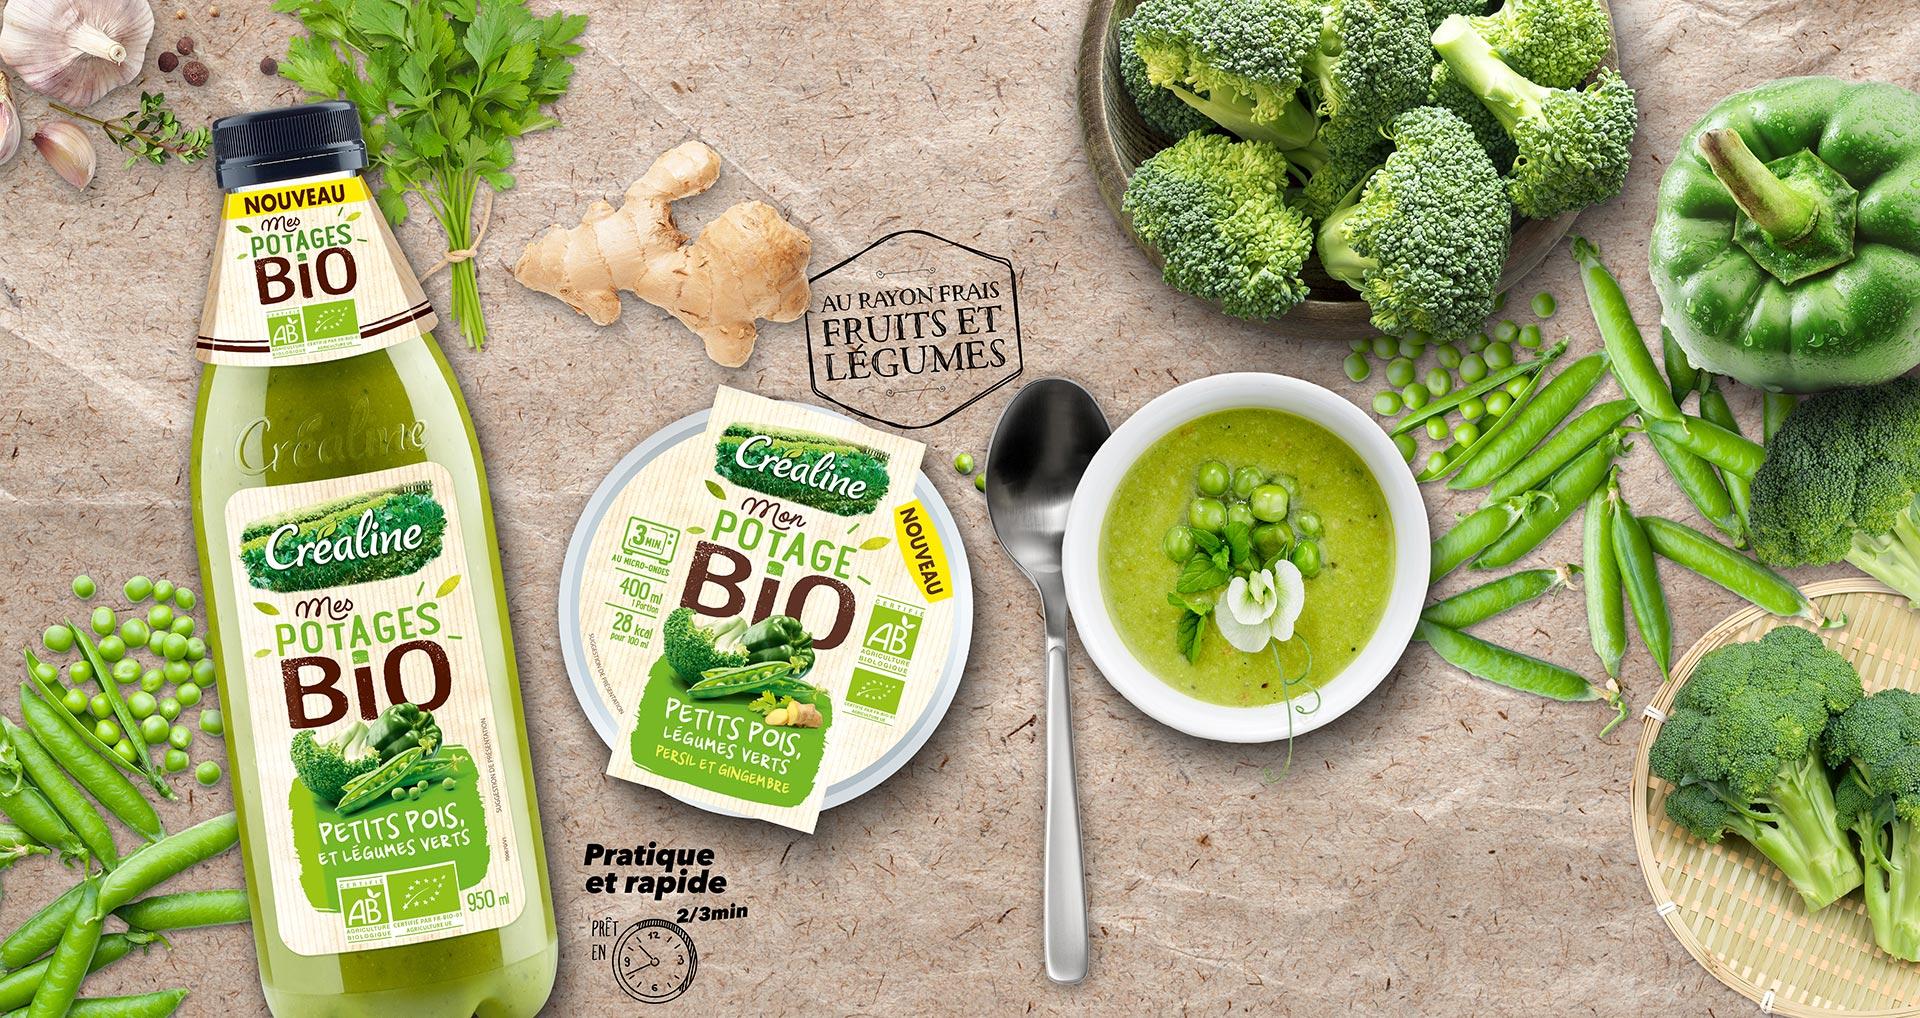 Mes potages Bio soupe petits pois et légumes verts en bouteille et en cup individuelle : soupe Bio au rayon frais